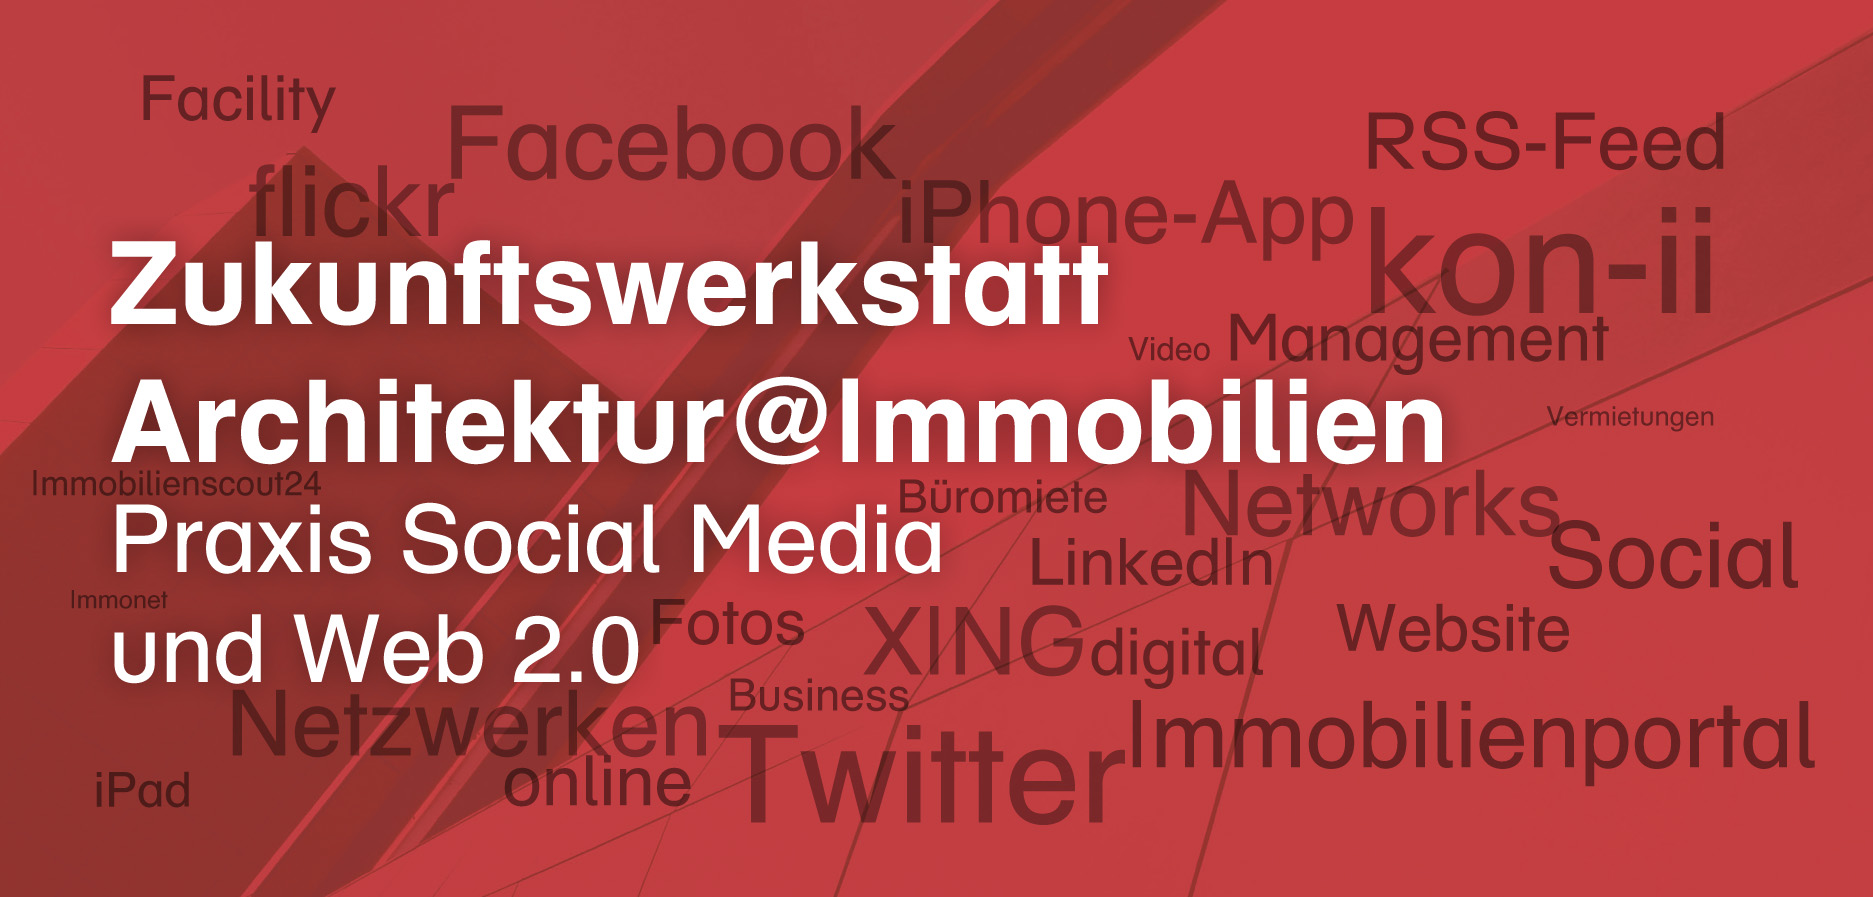 Zukunftwerkstatt Architektur: Praxisworkshop am 14.11.2012 in Köln